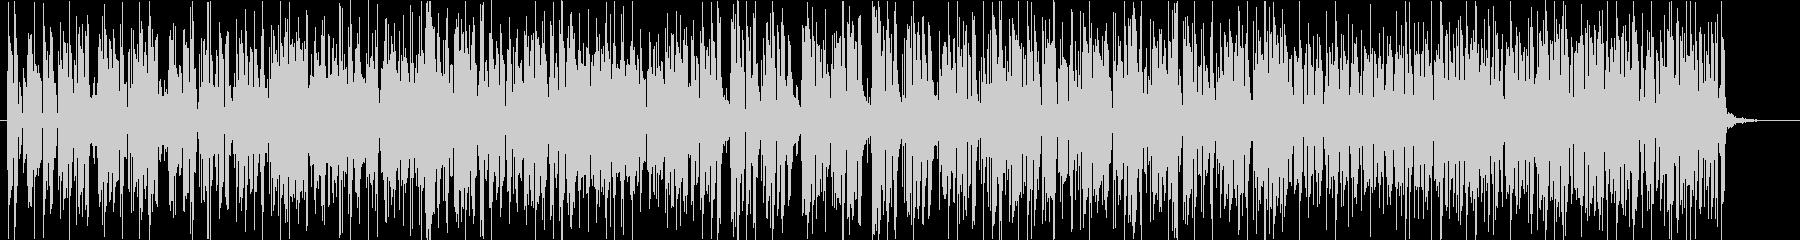 ジャジーなギターインストの未再生の波形